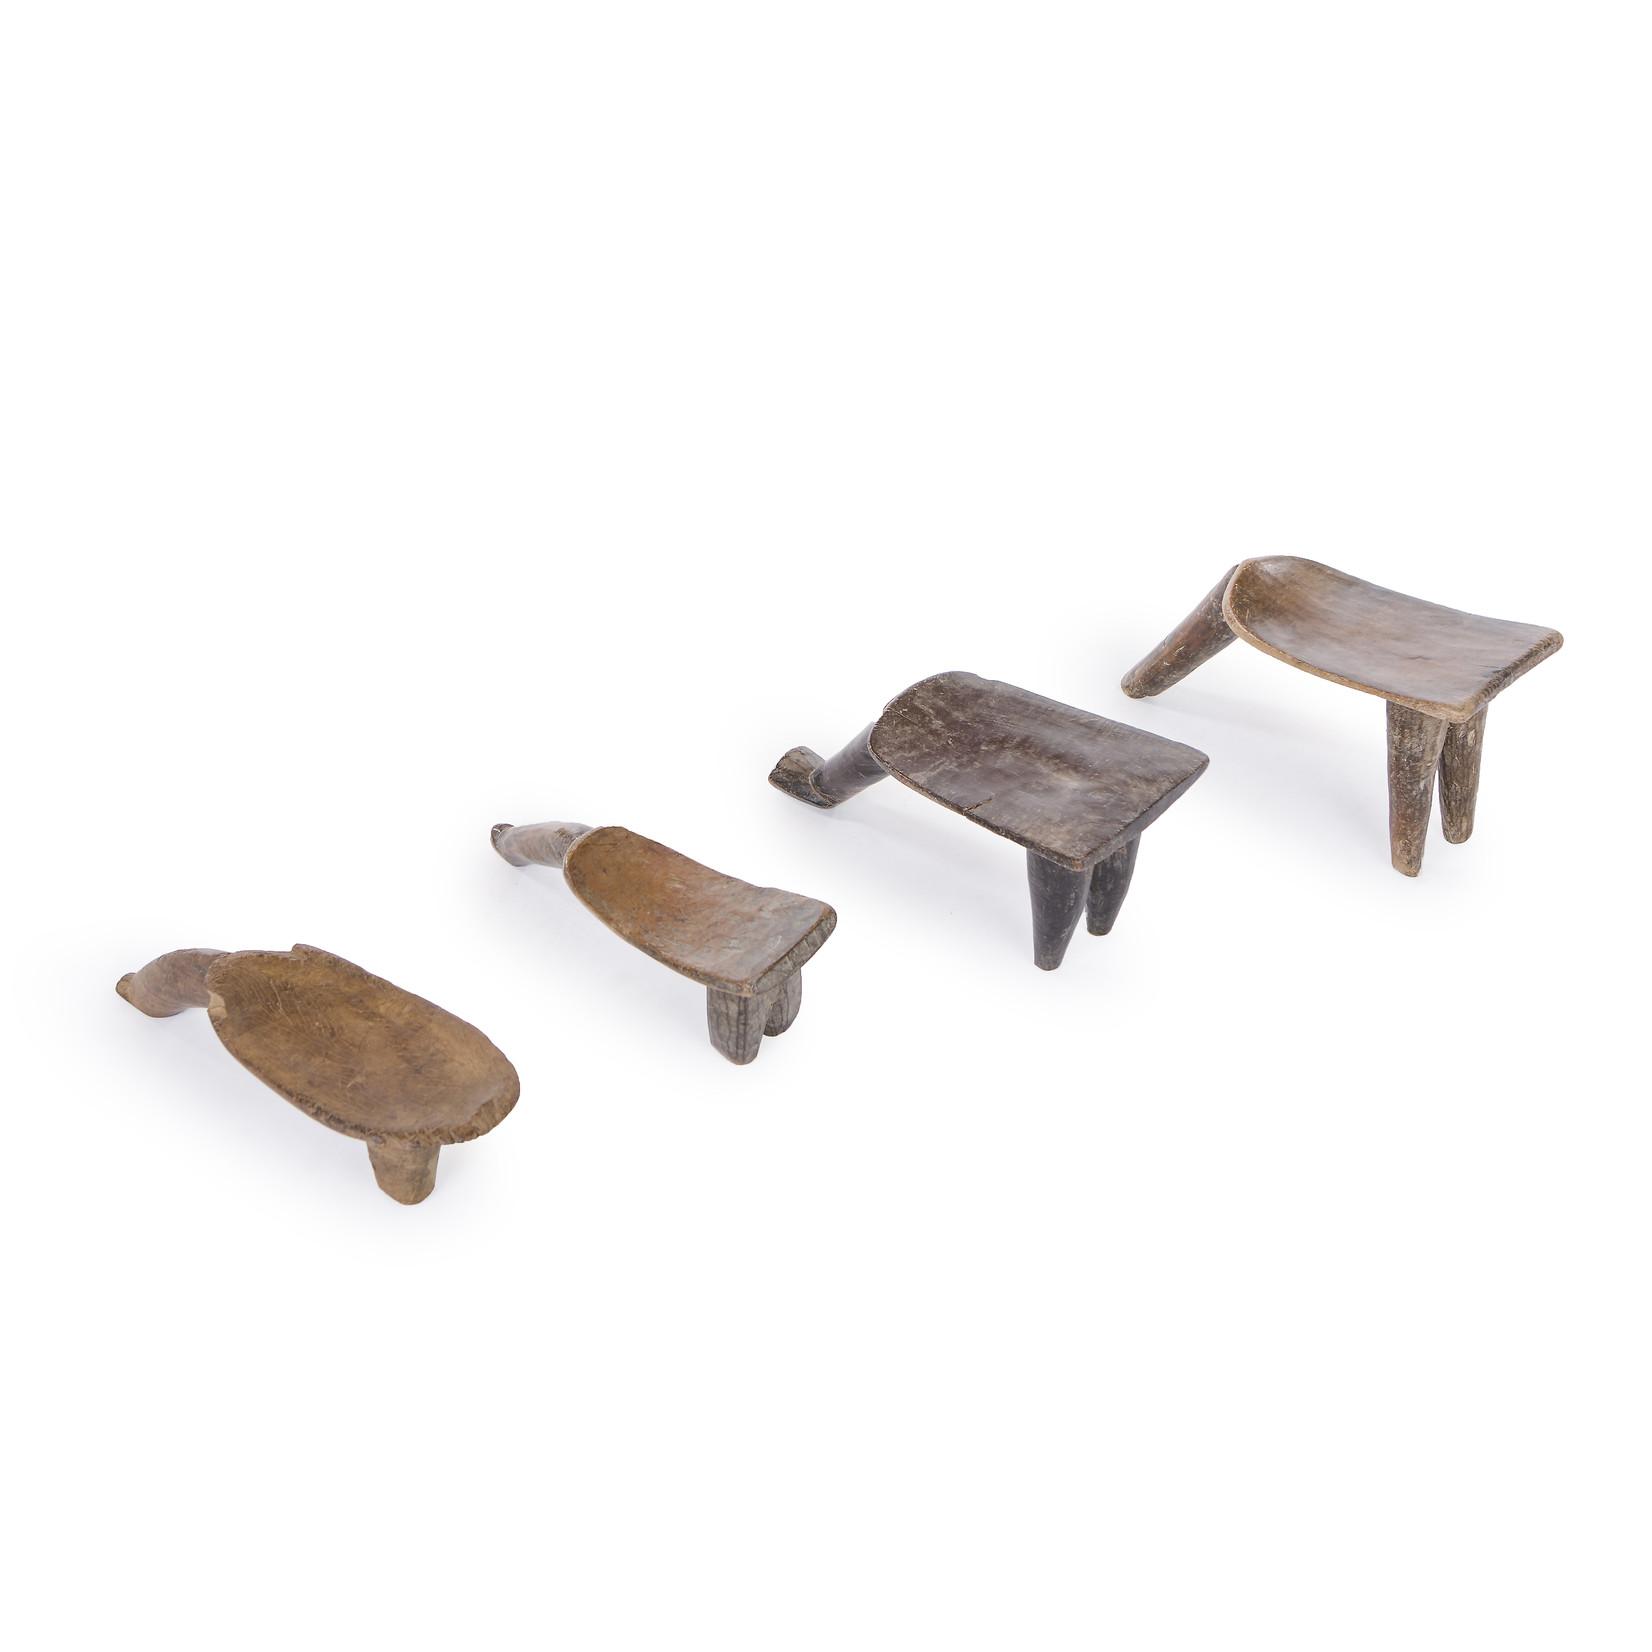 Authentic Lobi stools from Burkina Faso - Original antique African Lobi Tribe stools